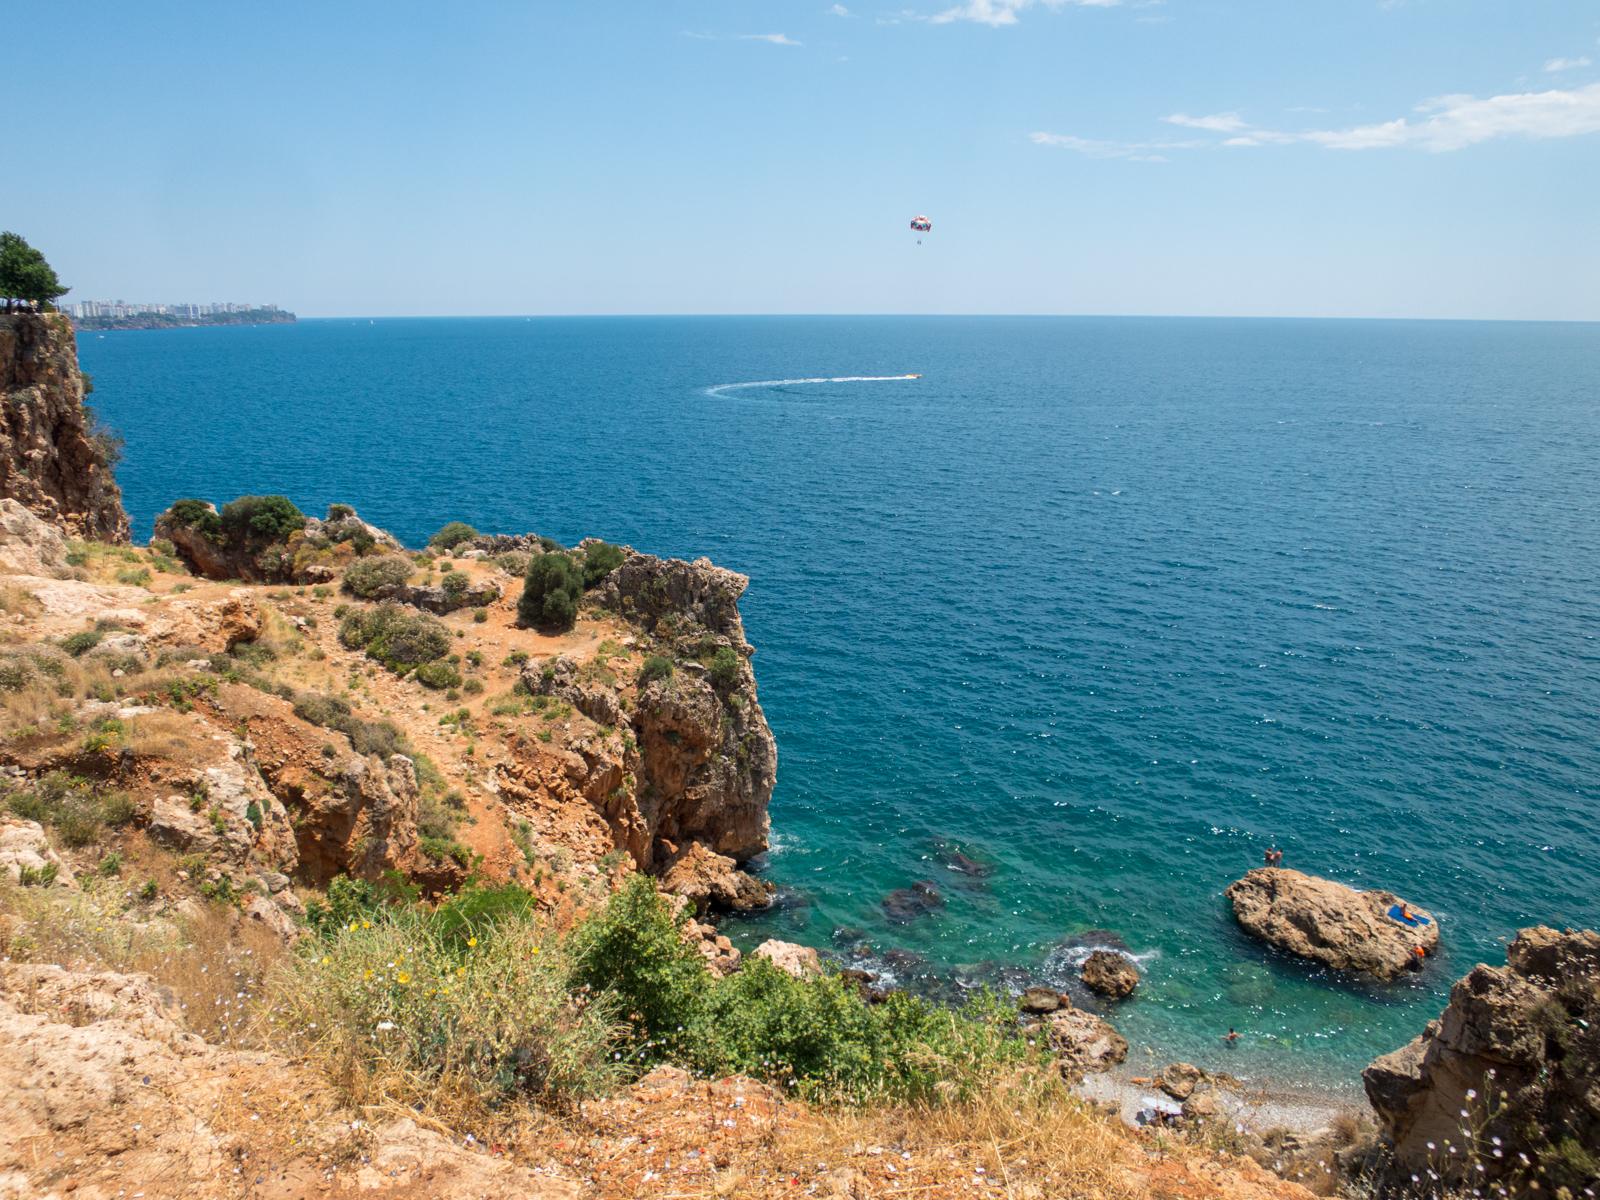 Parasailer off the coast of Antalya